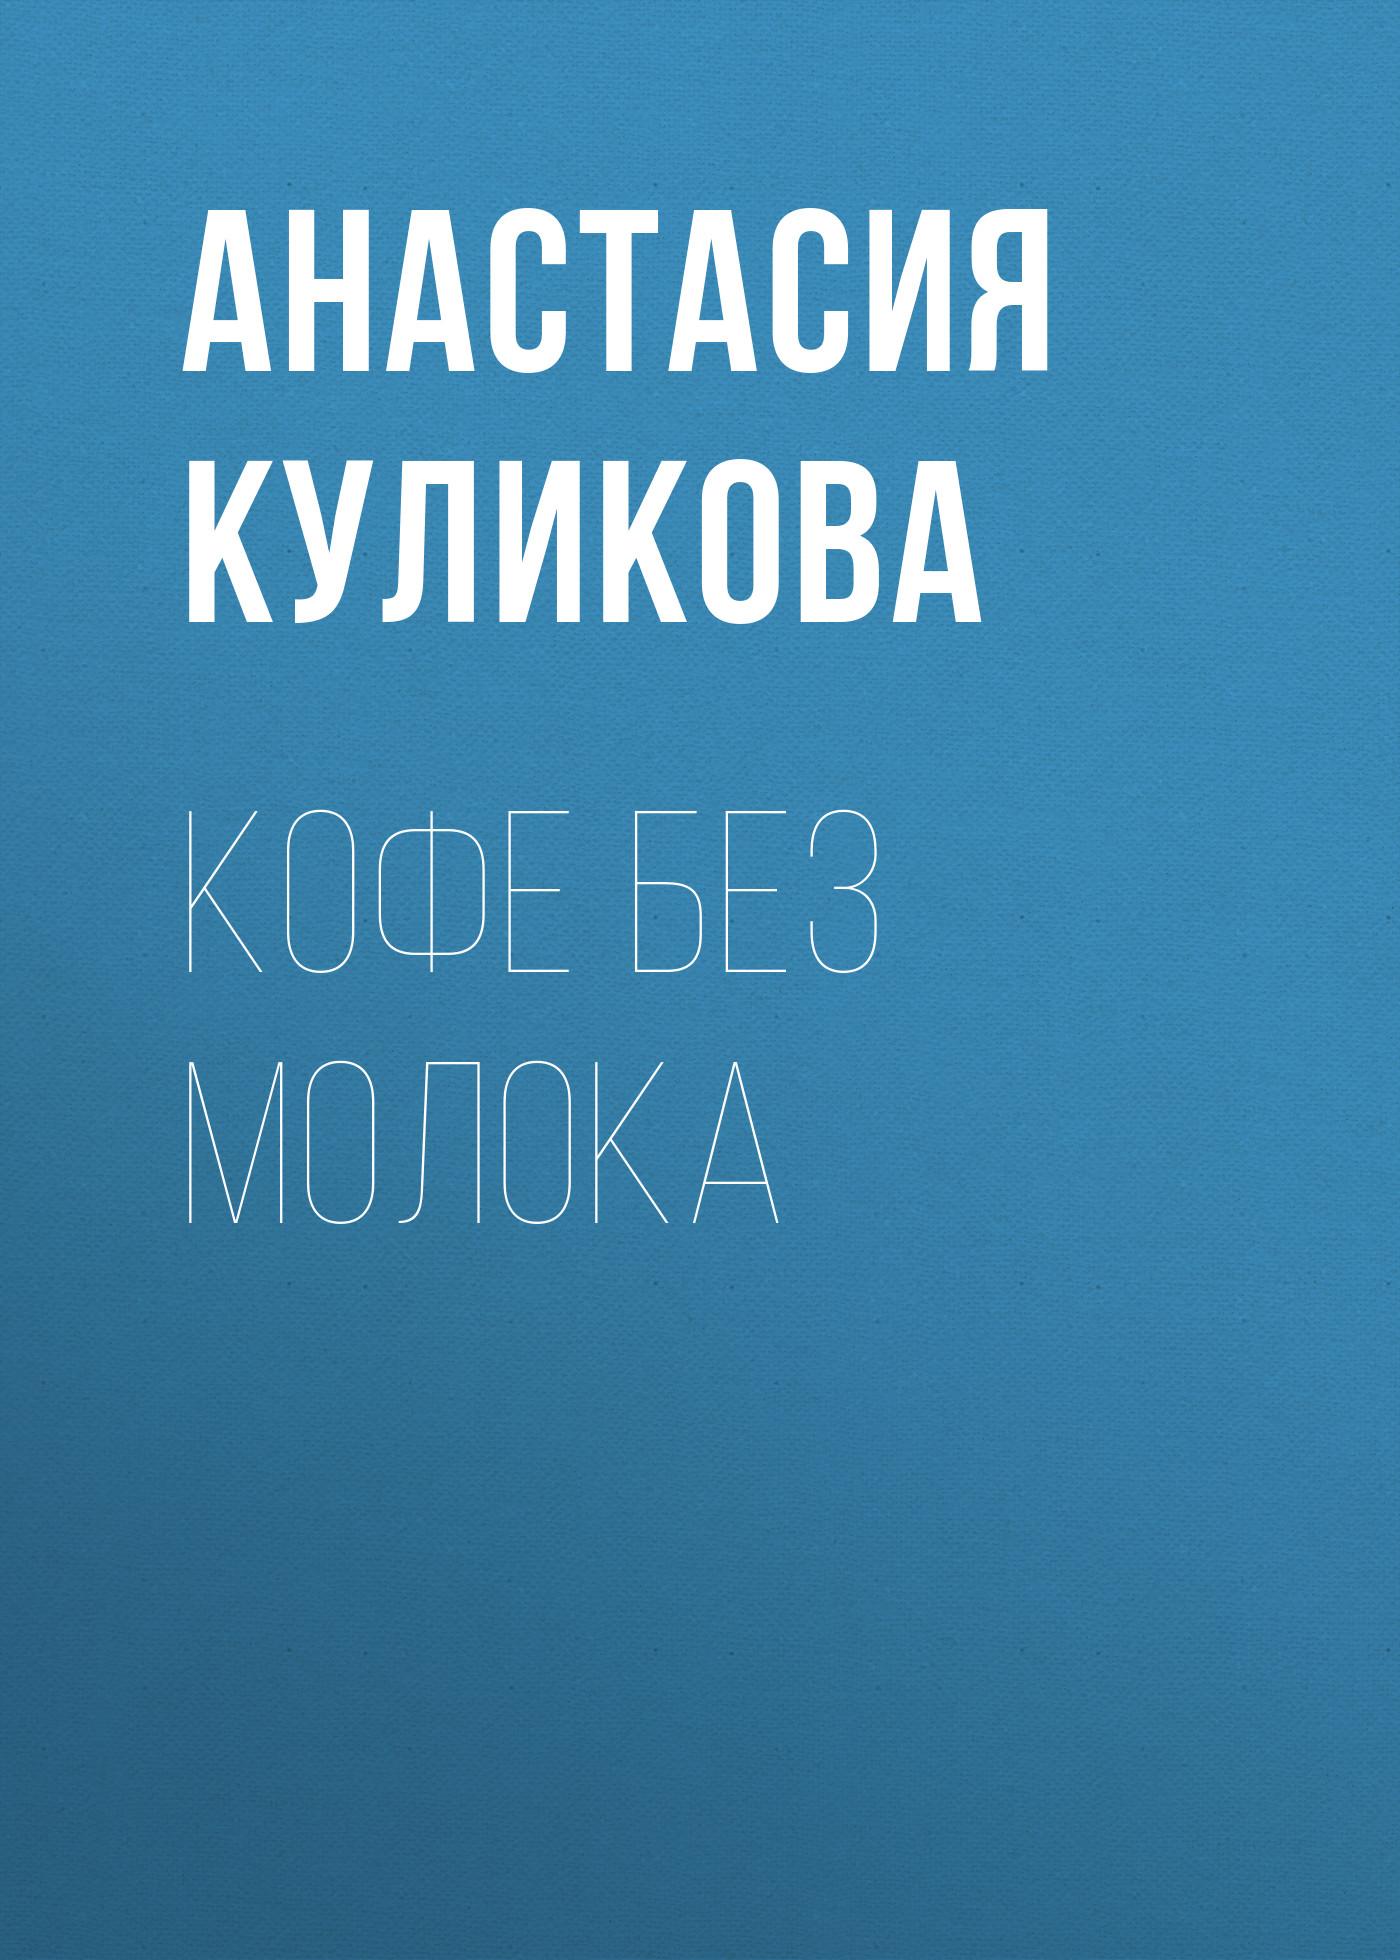 Анастасия Куликова Кофе без молока стоимость авиабилета до саратова